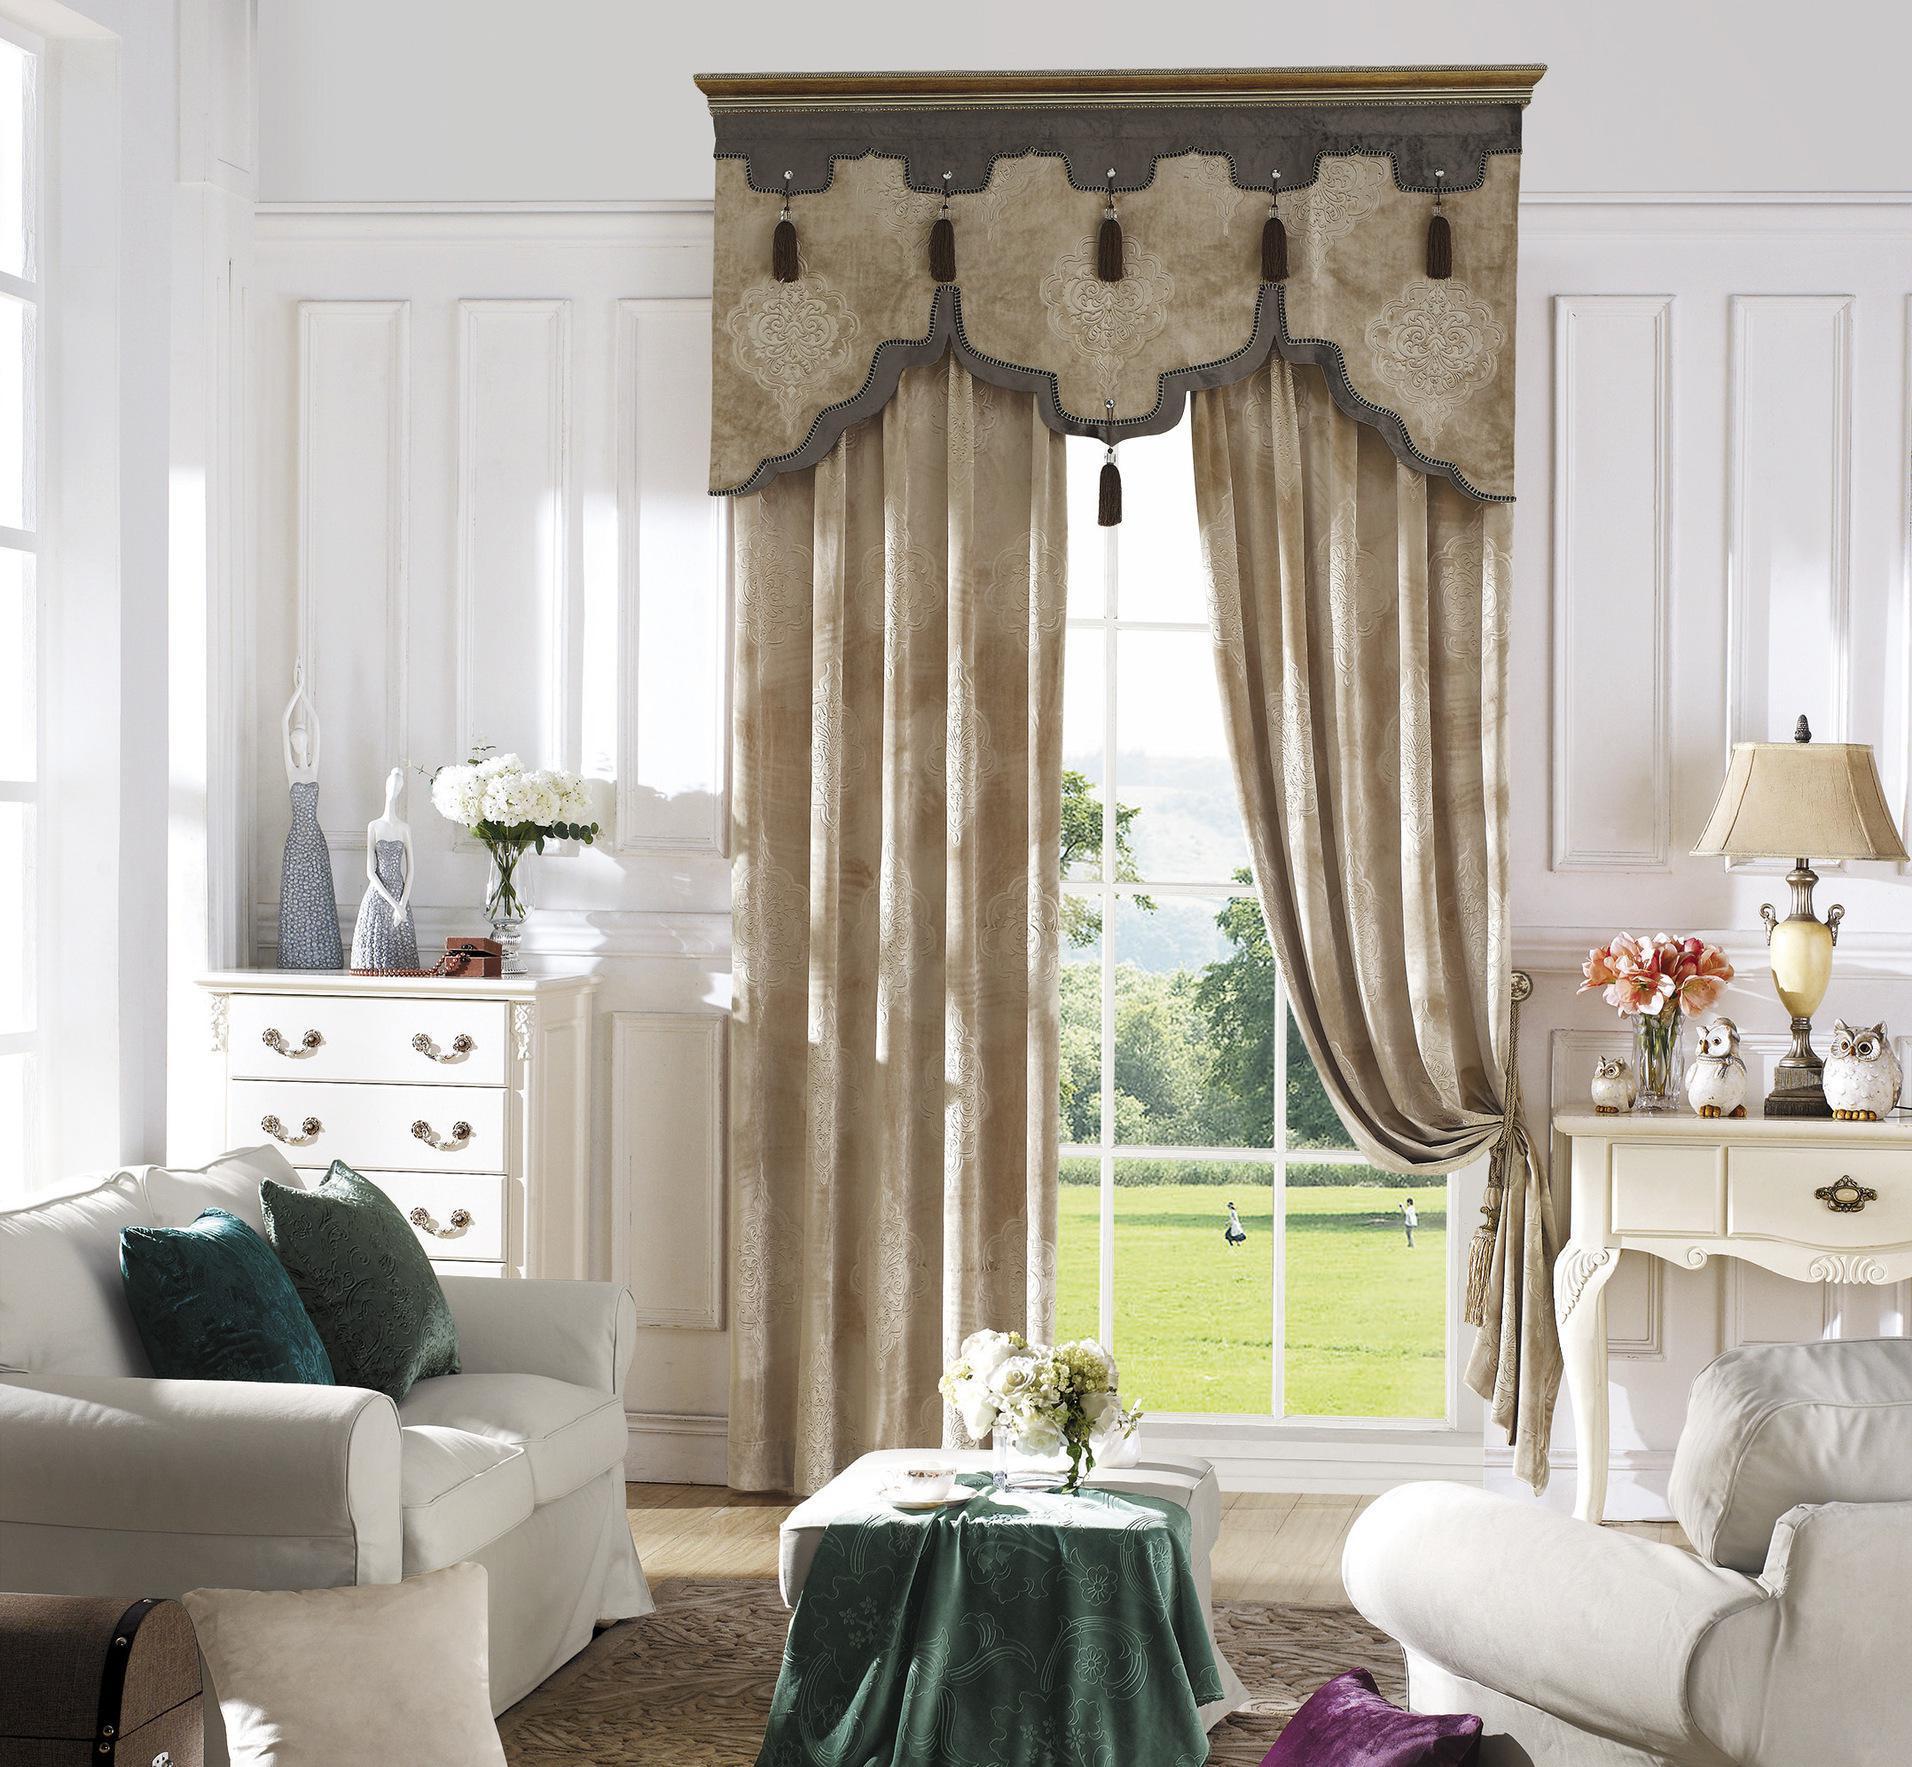 欧式窗帘有哪些特点?欧式窗帘的选购技巧